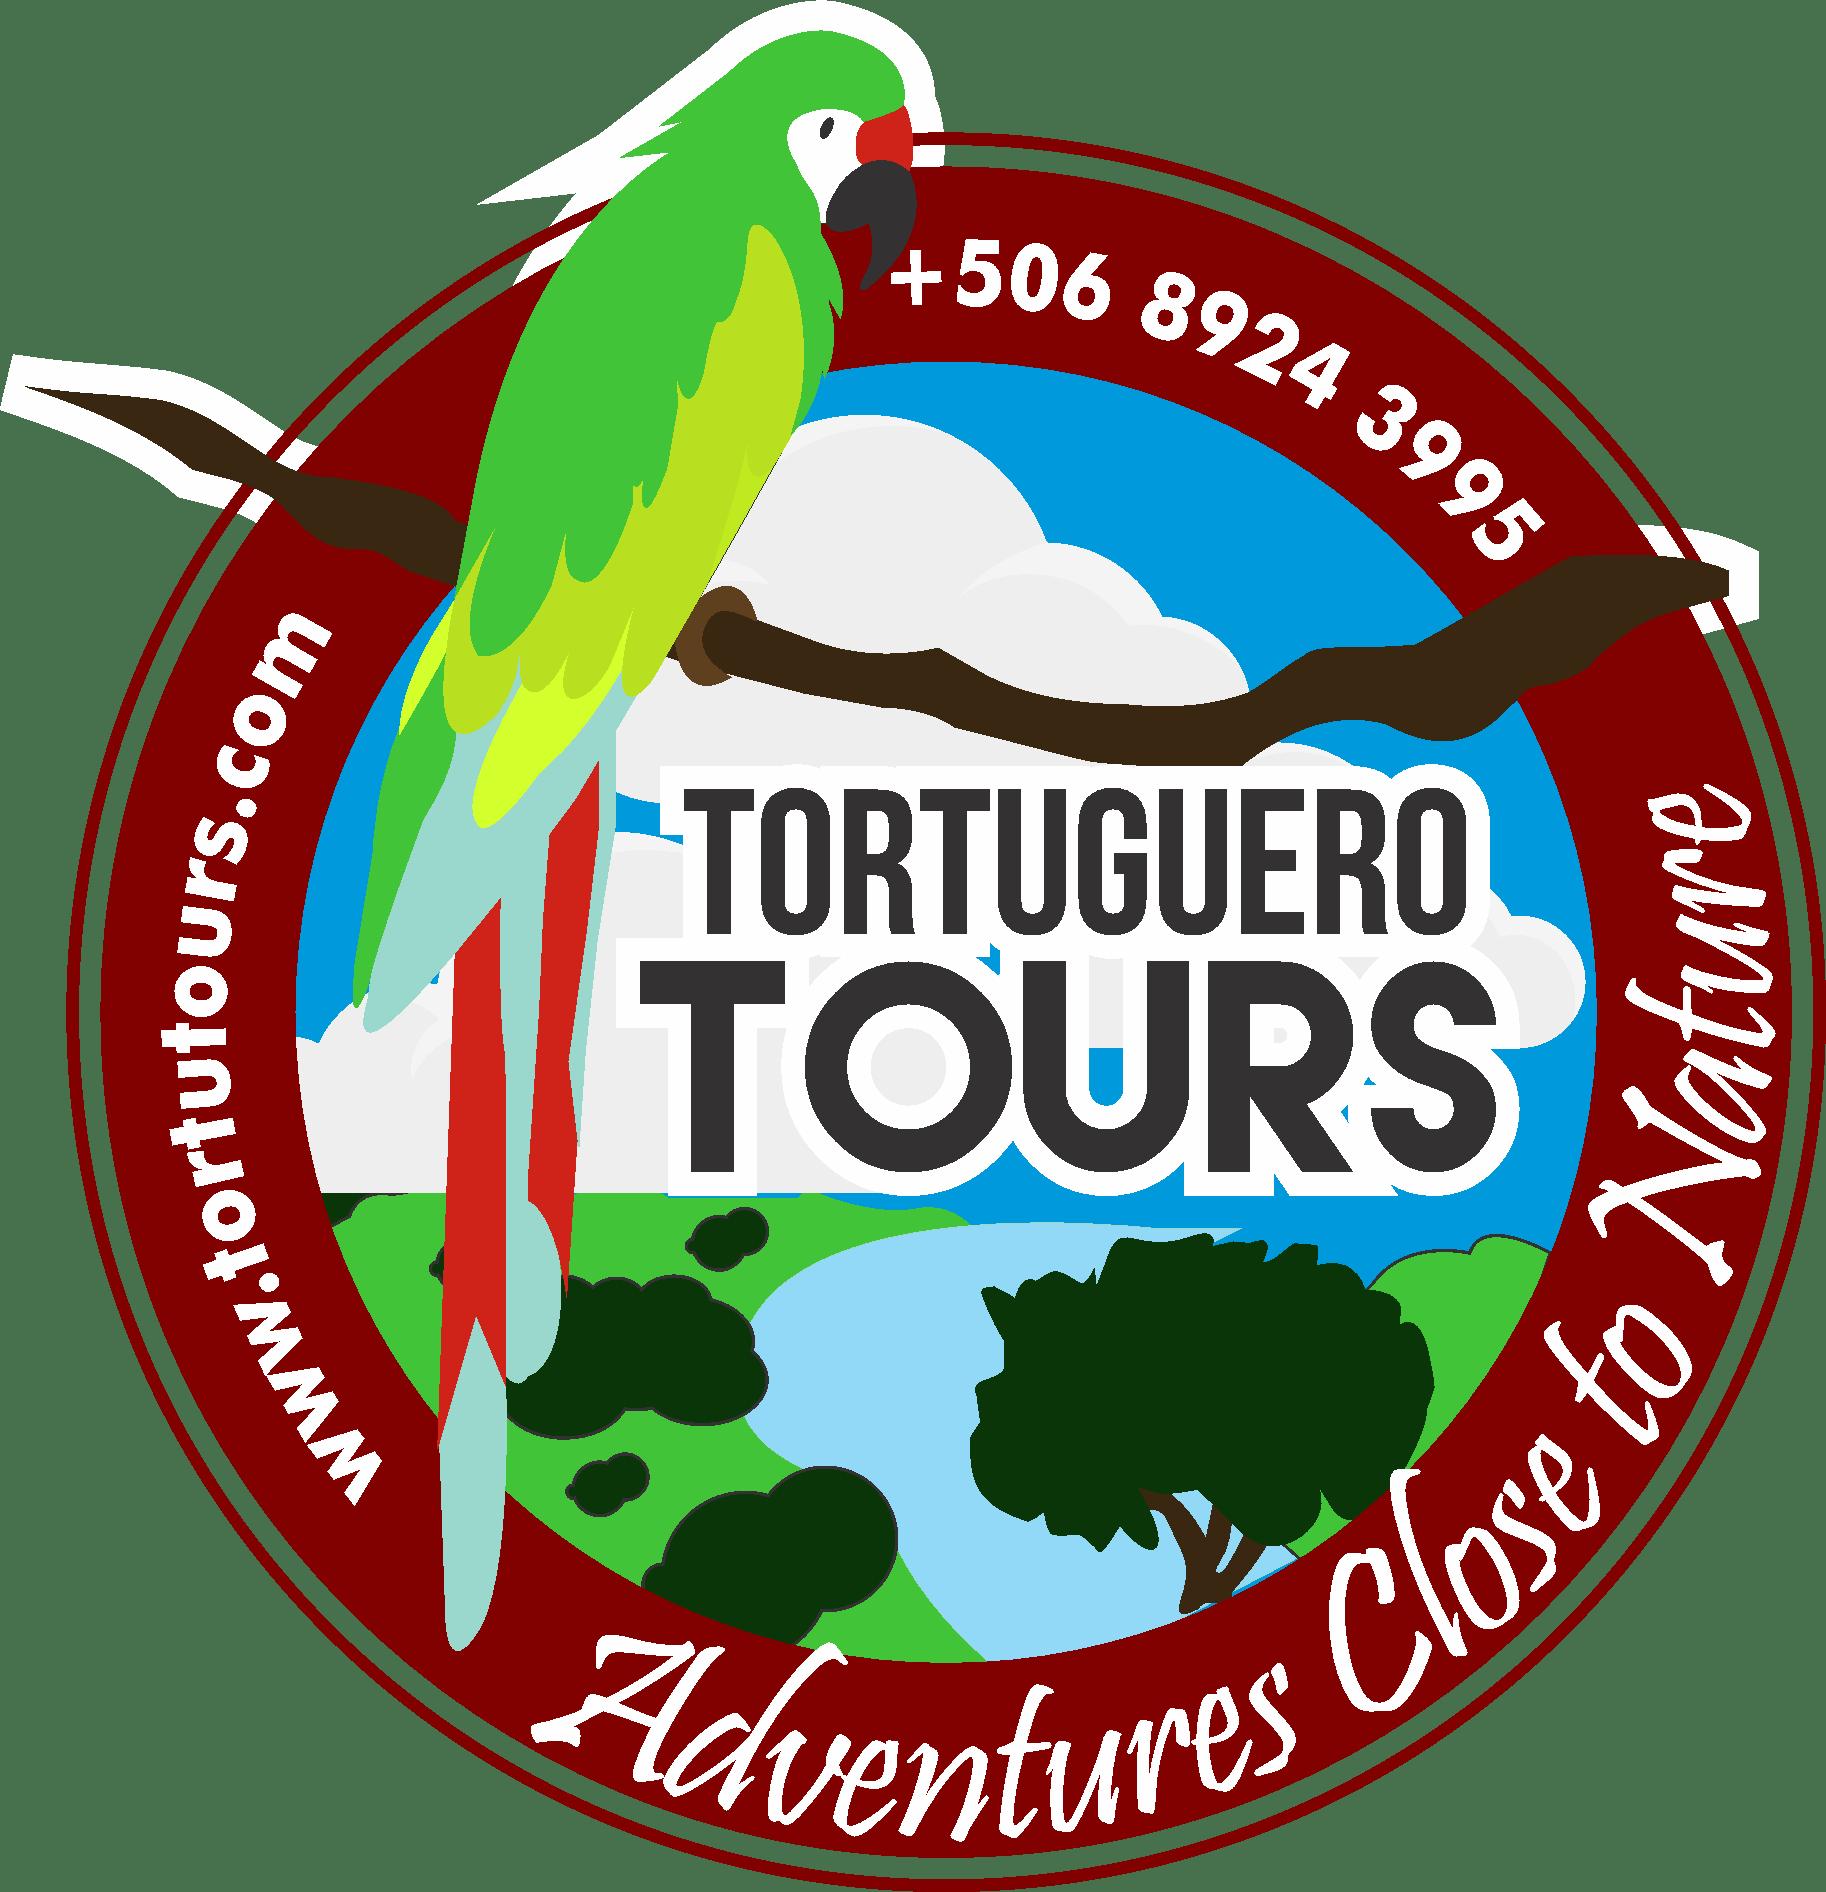 Tortuguero Tours